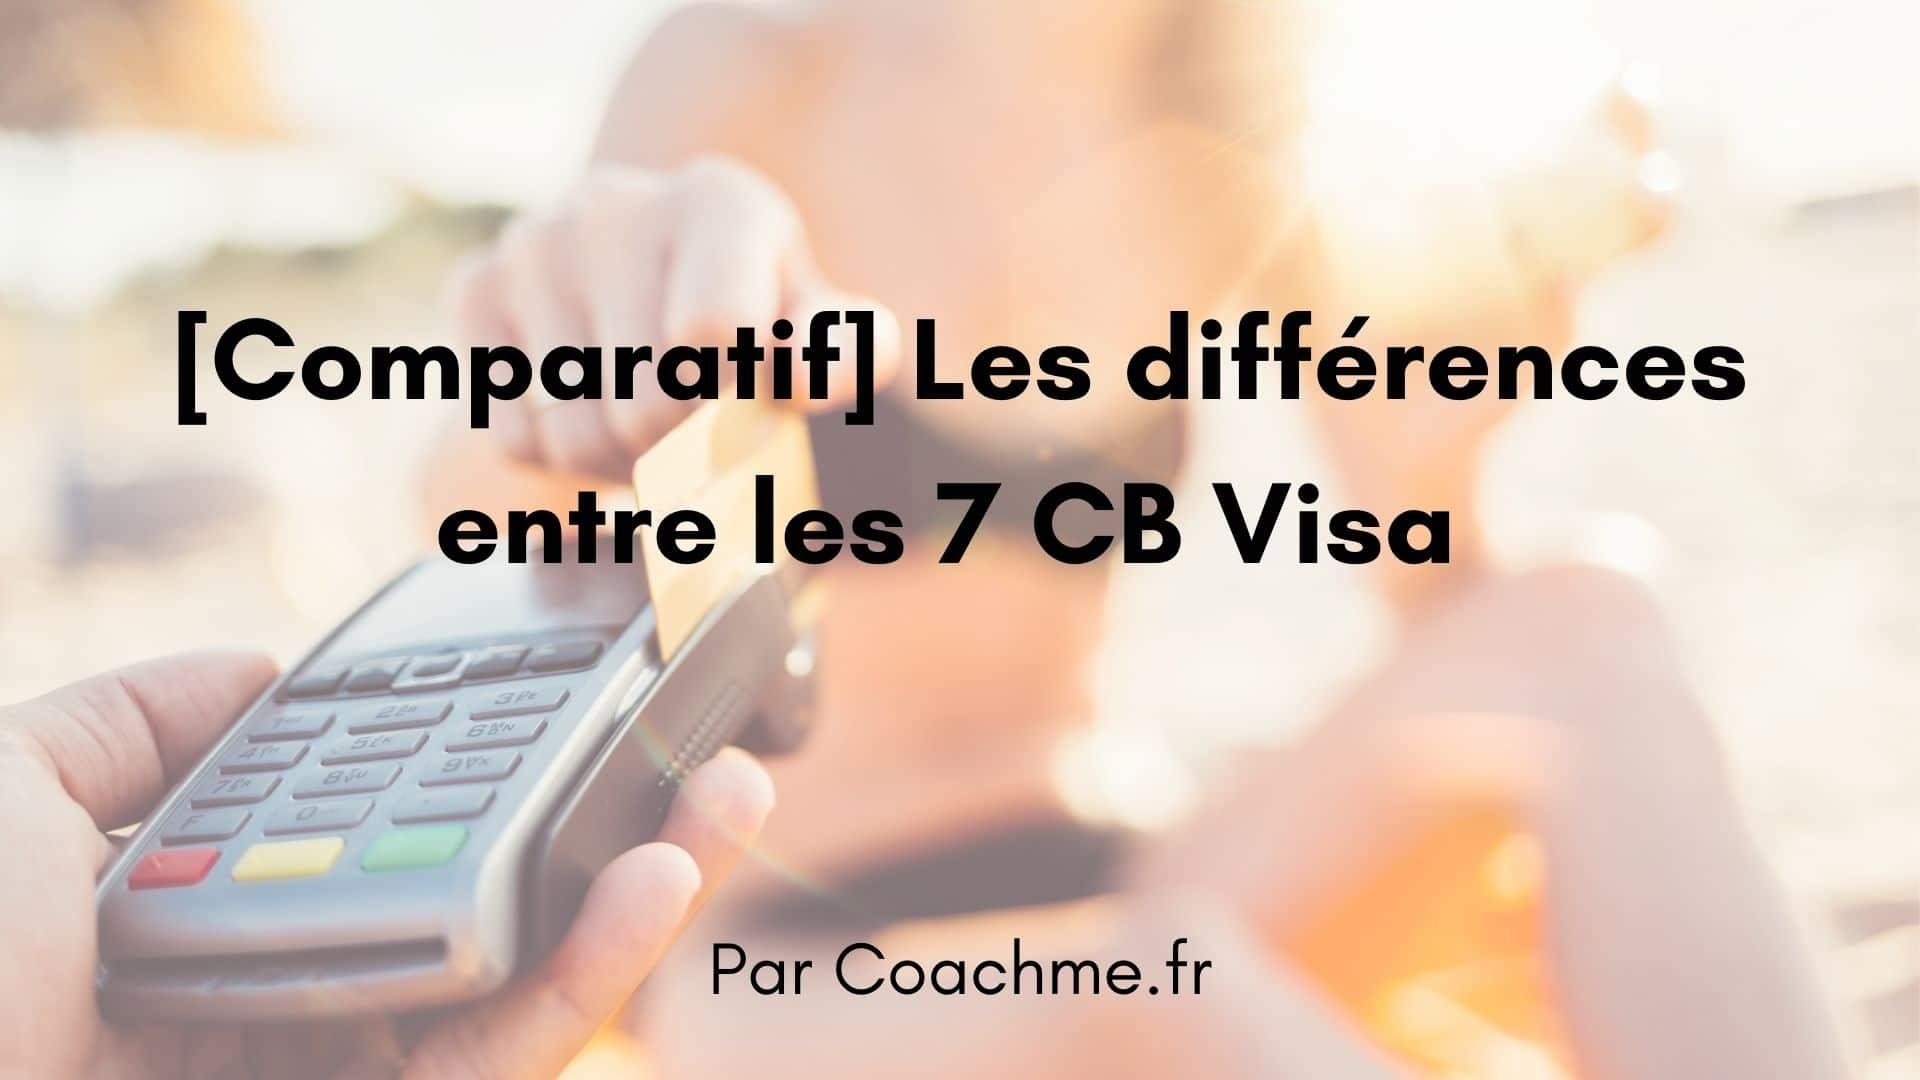 Cb visa comparatif